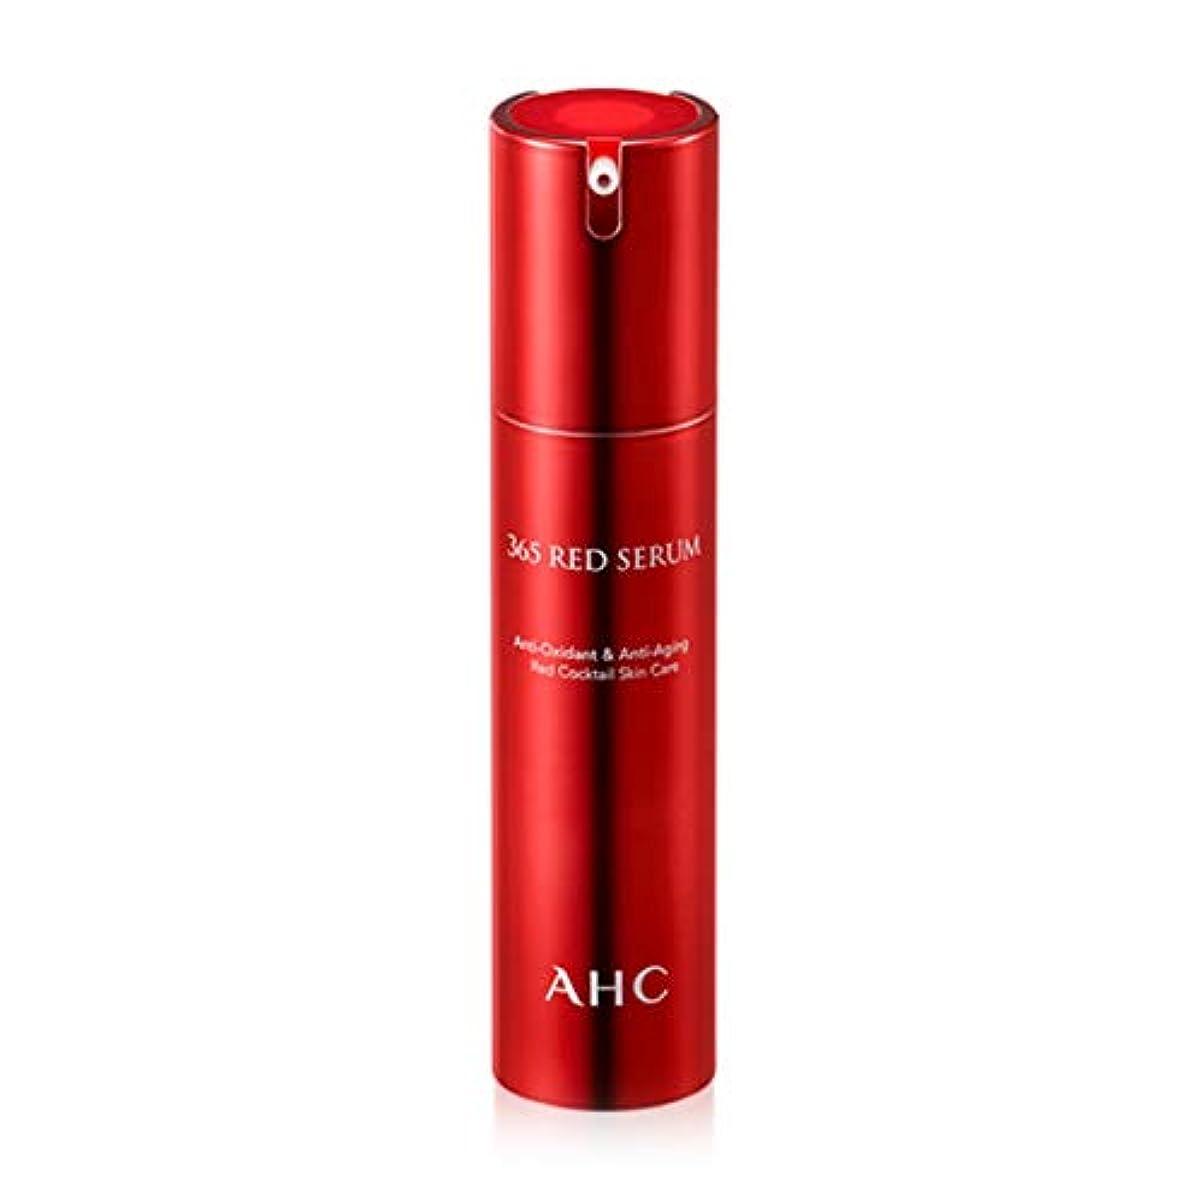 クリープゲインセイ前にAHC 365 Red Serum AHC 365 レッド セラム 50ml [並行輸入品]